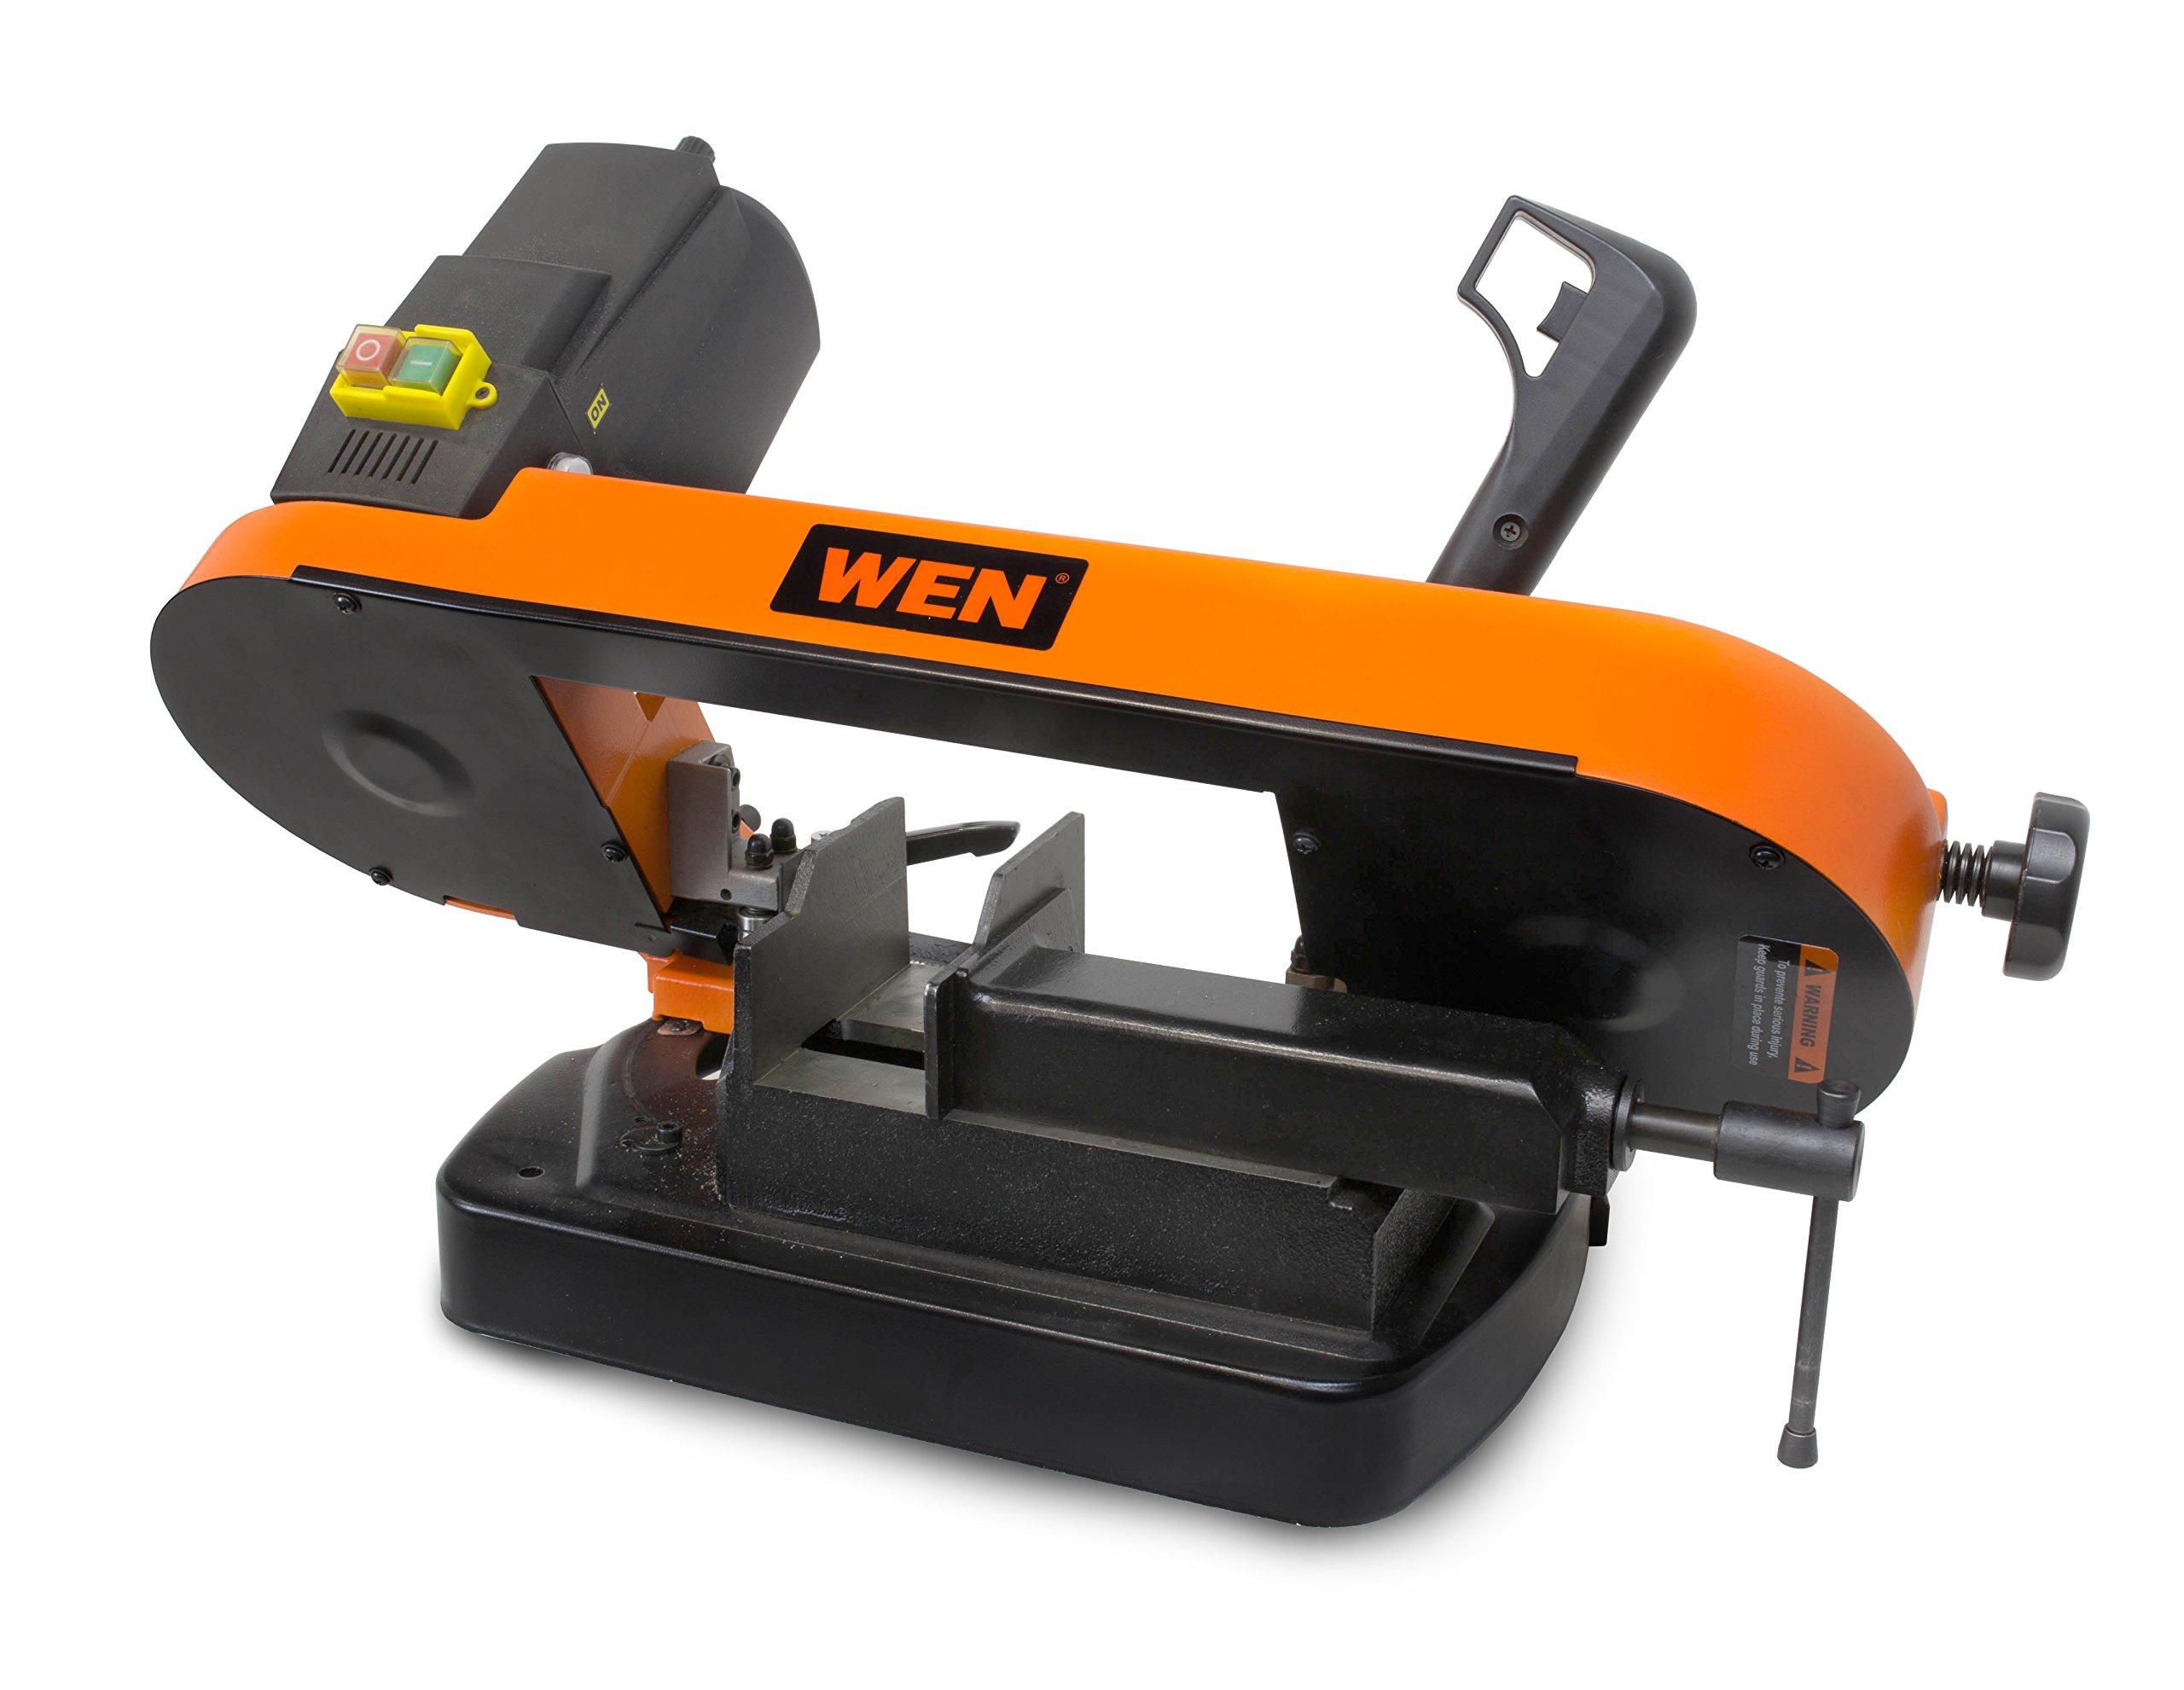 WEN 3975T 8 inch Metal Cutting Benchtop